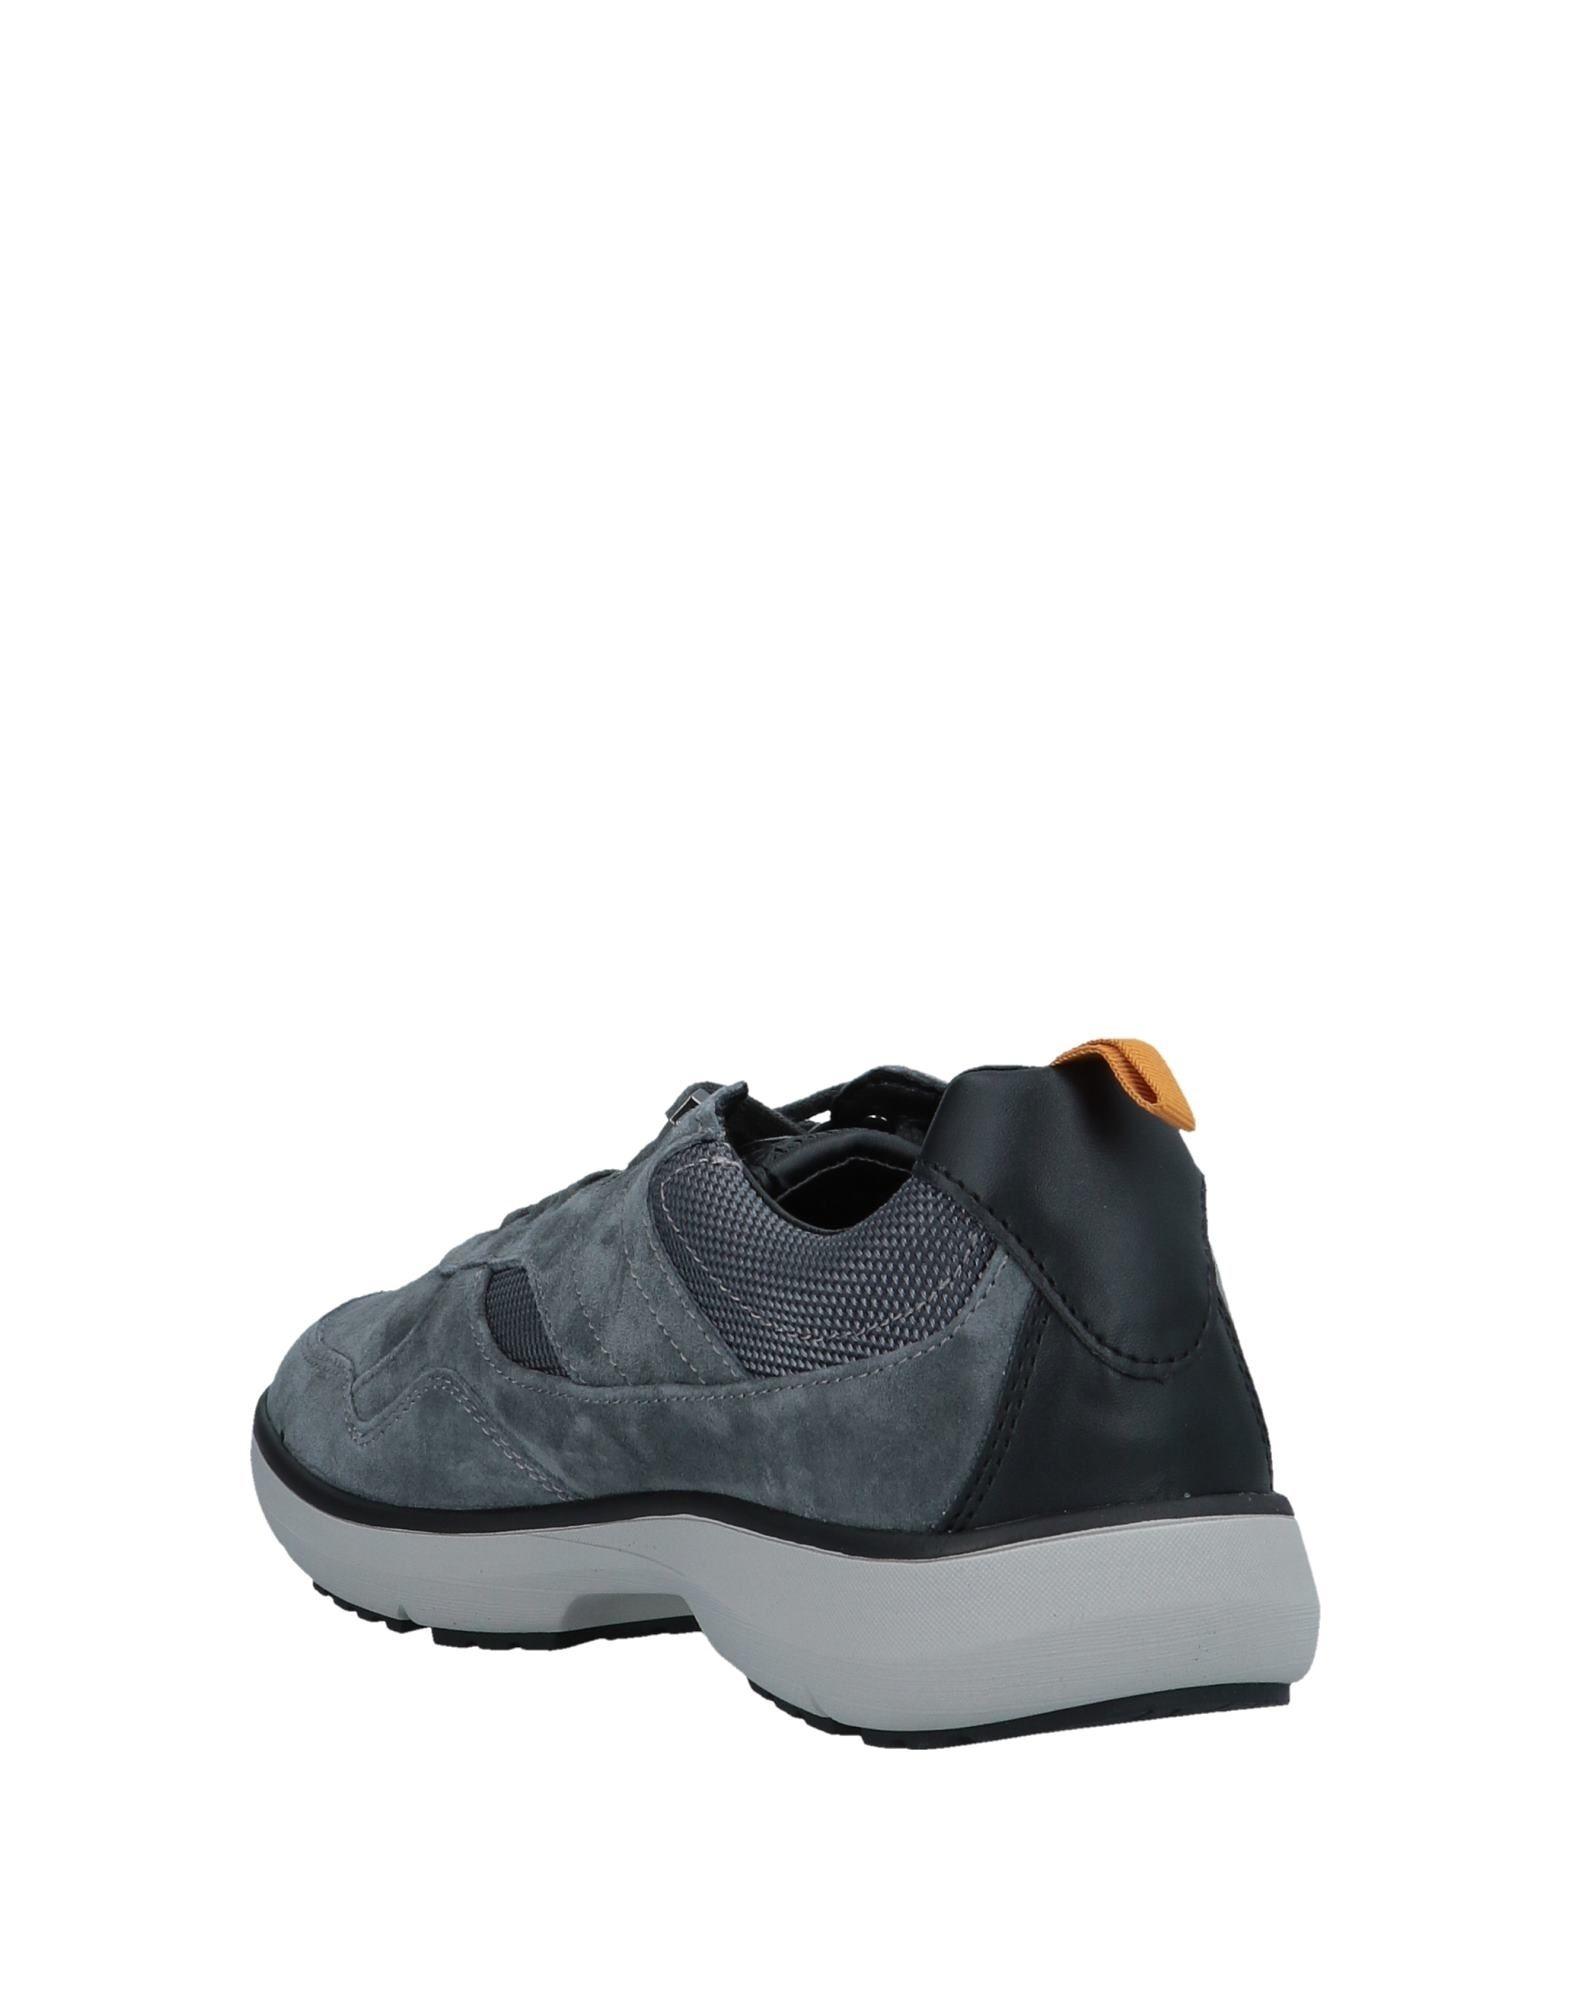 Lumberjack Sneakers - Men Lumberjack Sneakers - online on  Australia - Sneakers 11577212CD 00d750